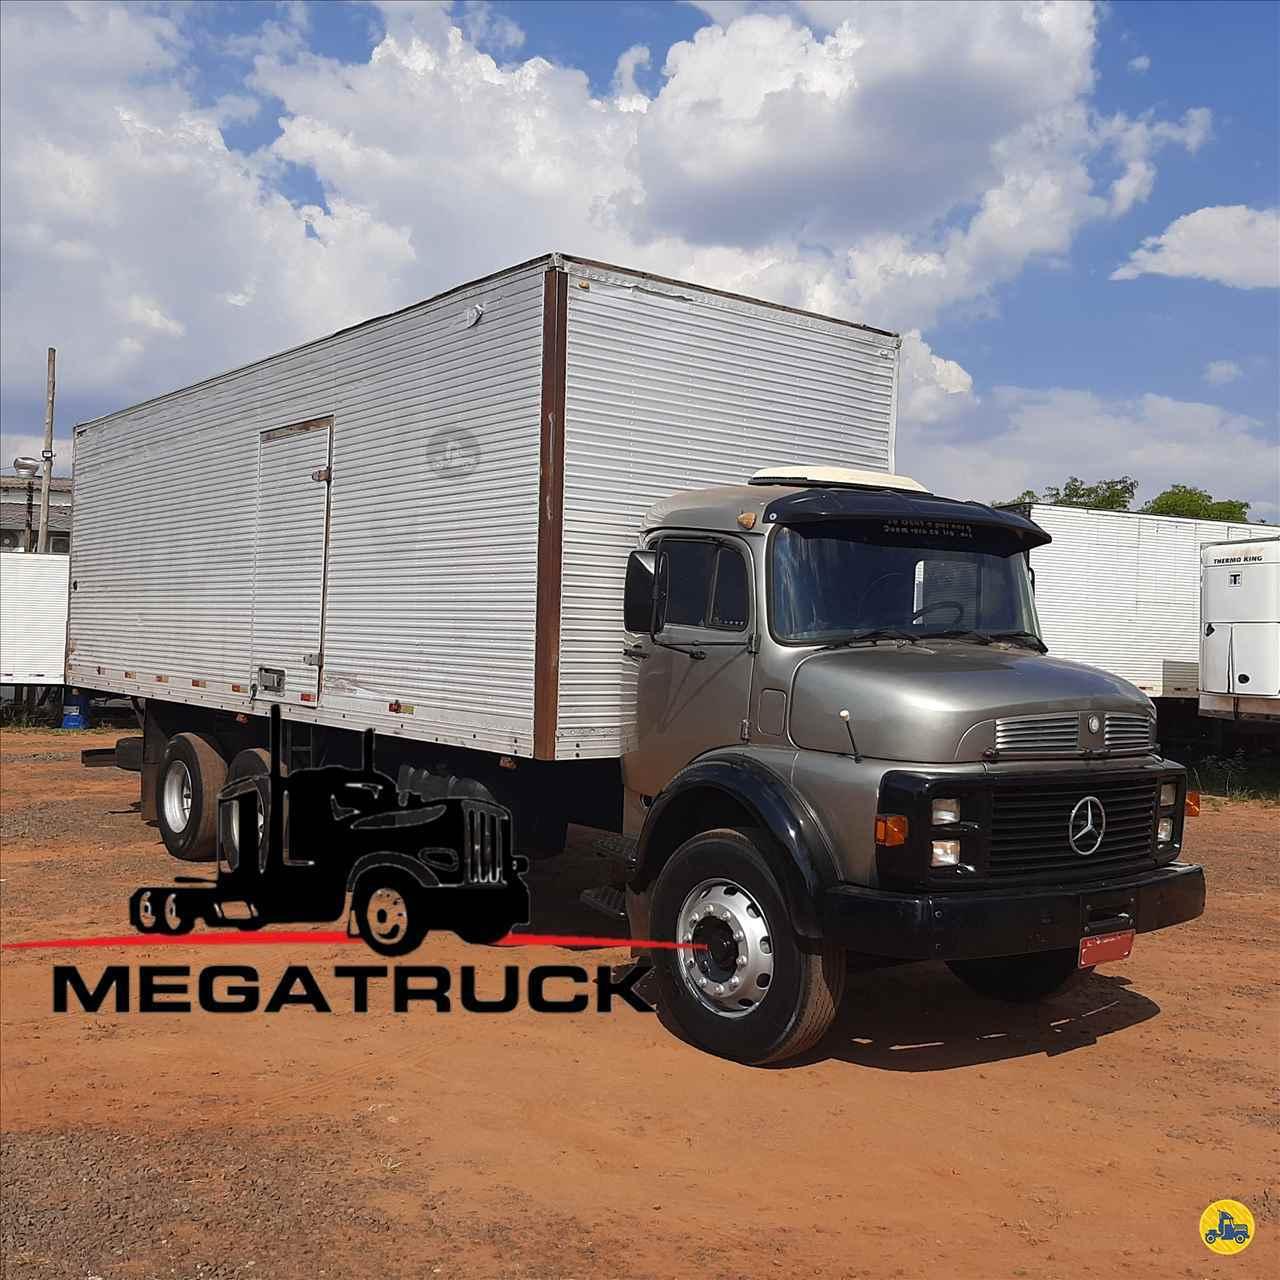 MB 1317 de Megatruck Caminhões e Máquinas - CAMPO GRANDE/MS